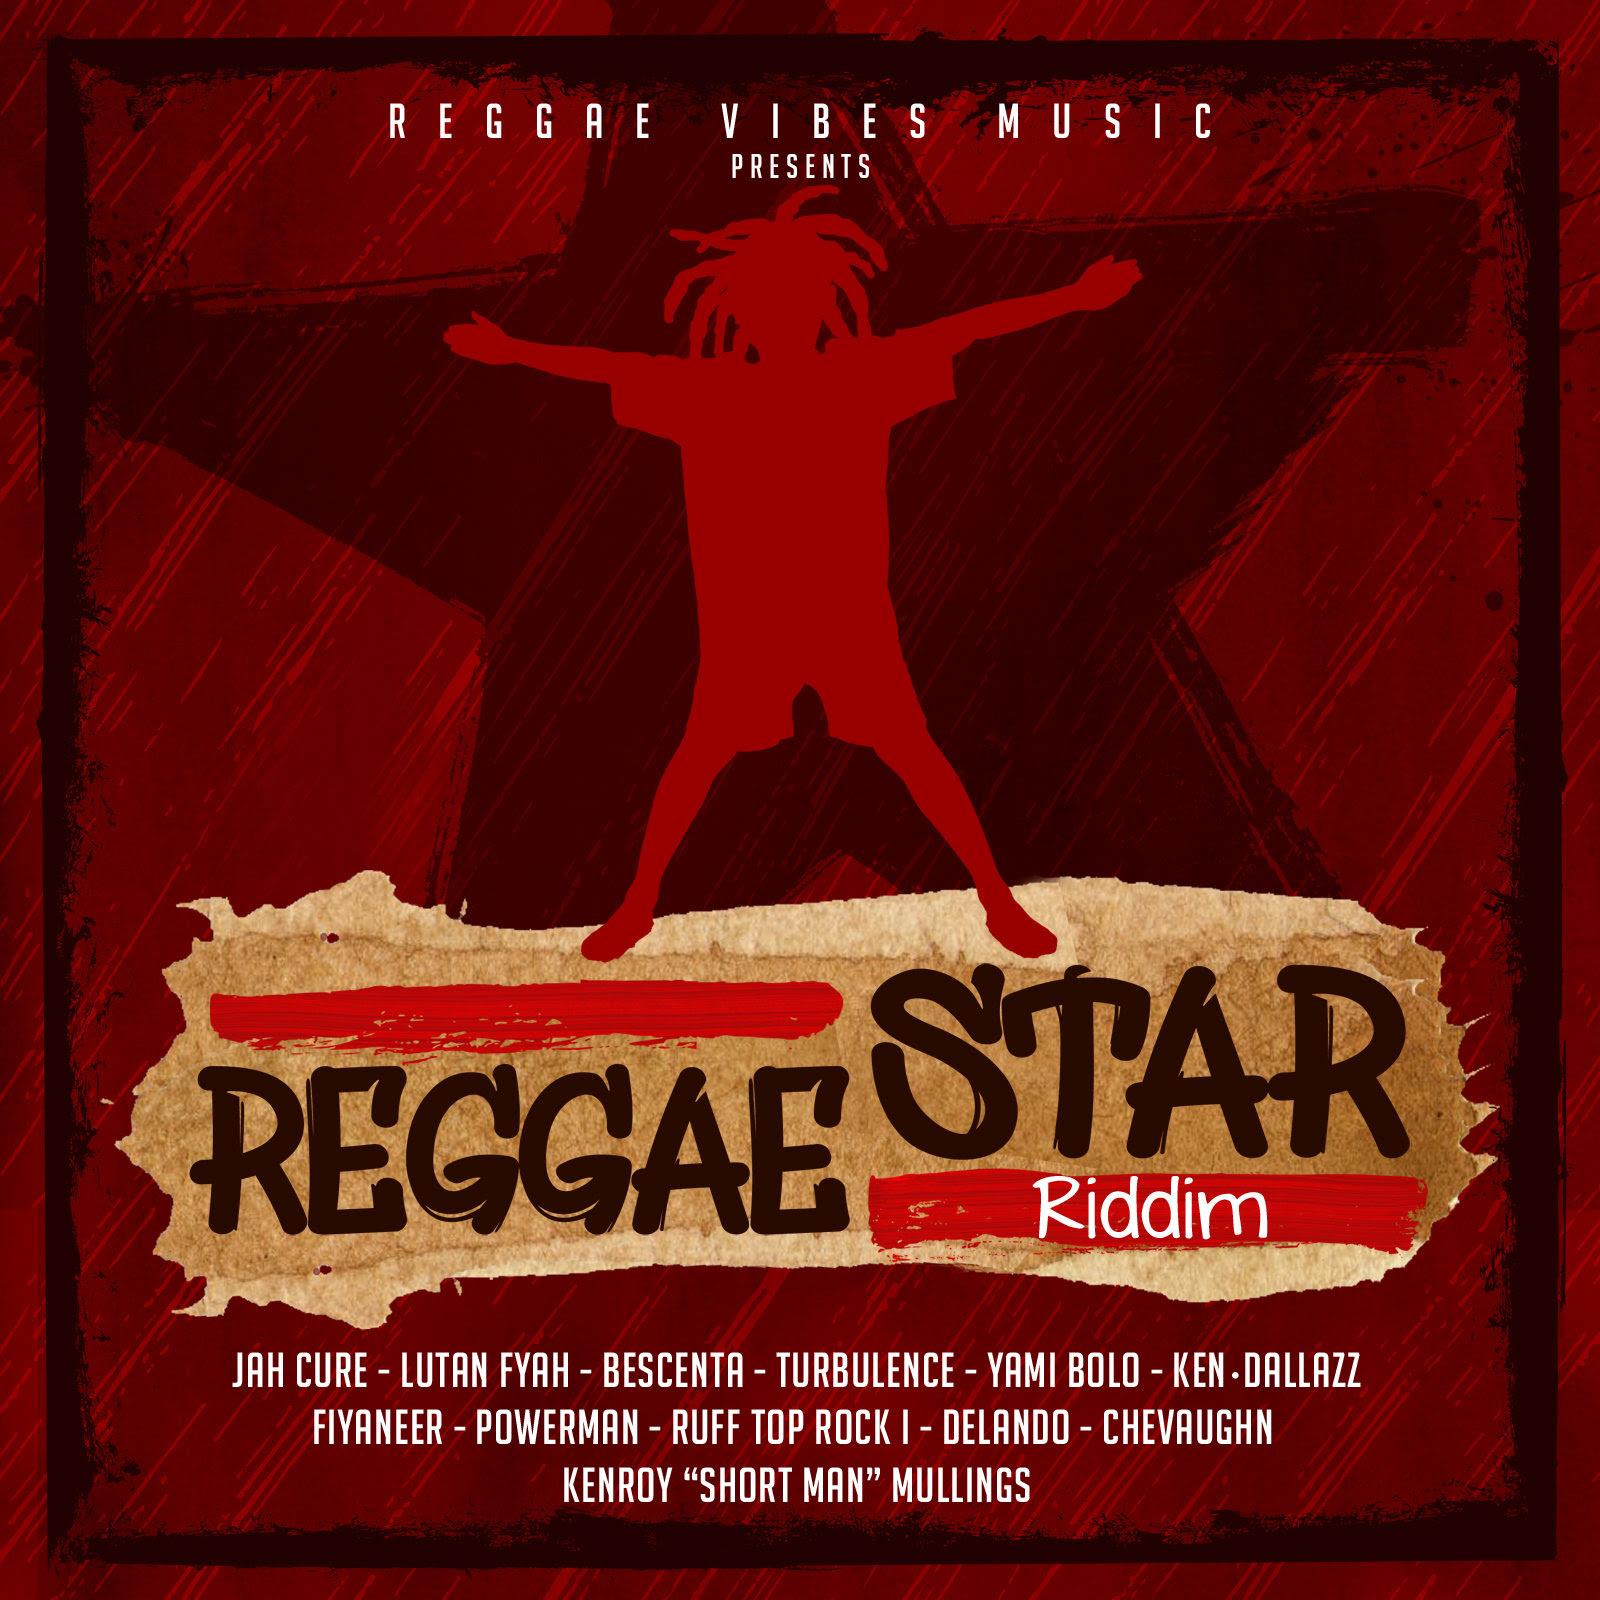 Reggae Star Riddim